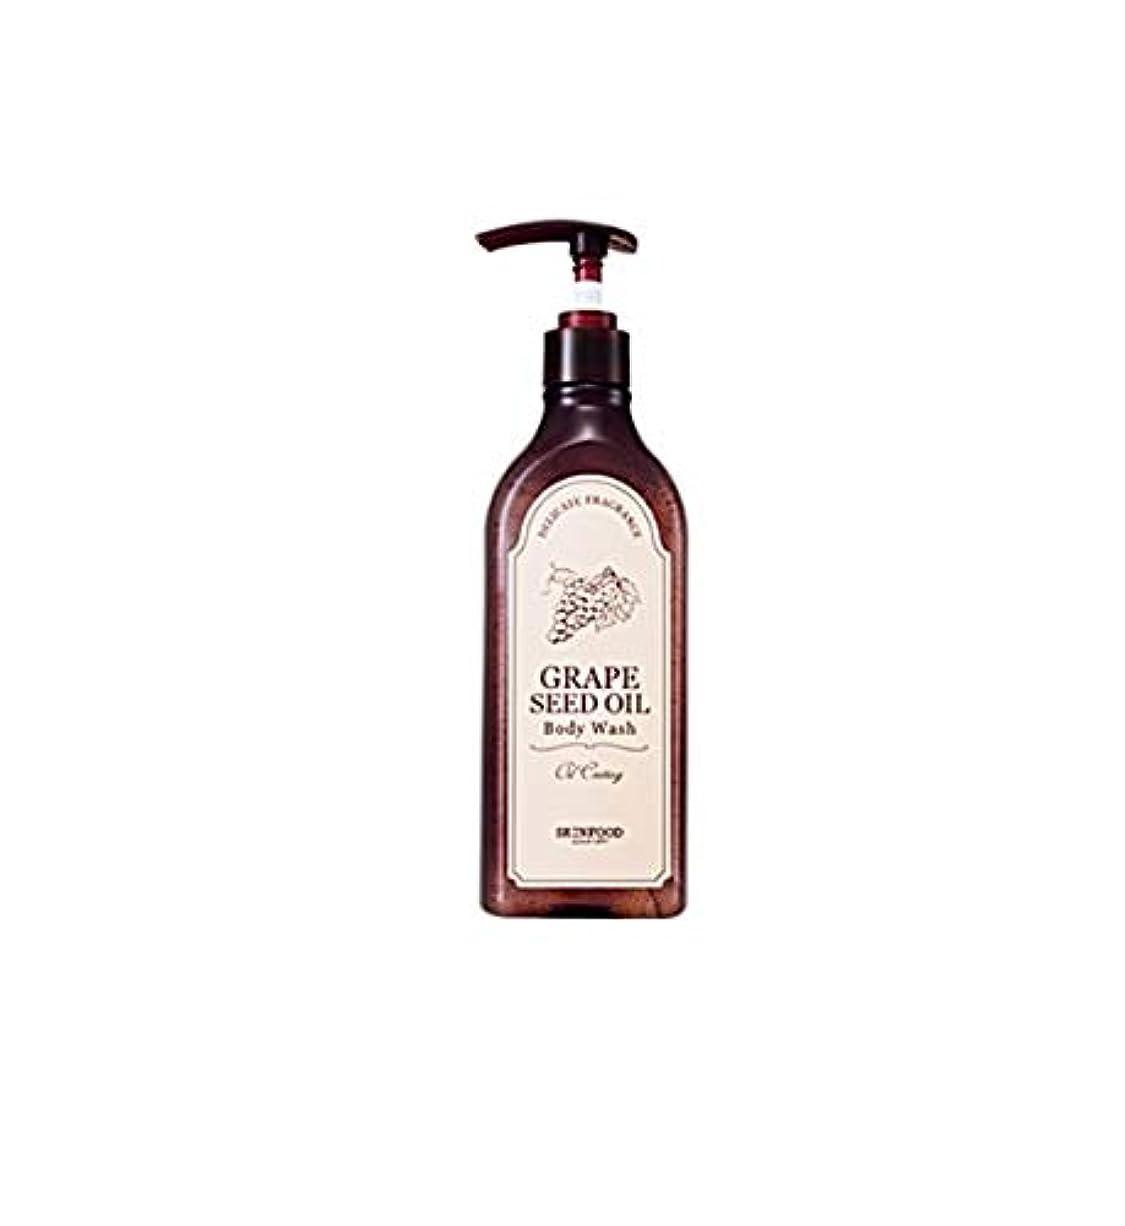 ジャンル瞬時に子豚Skinfood グレープシードオイルボディウォッシュ/Grape Seed Oil Body Wash 335ml [並行輸入品]